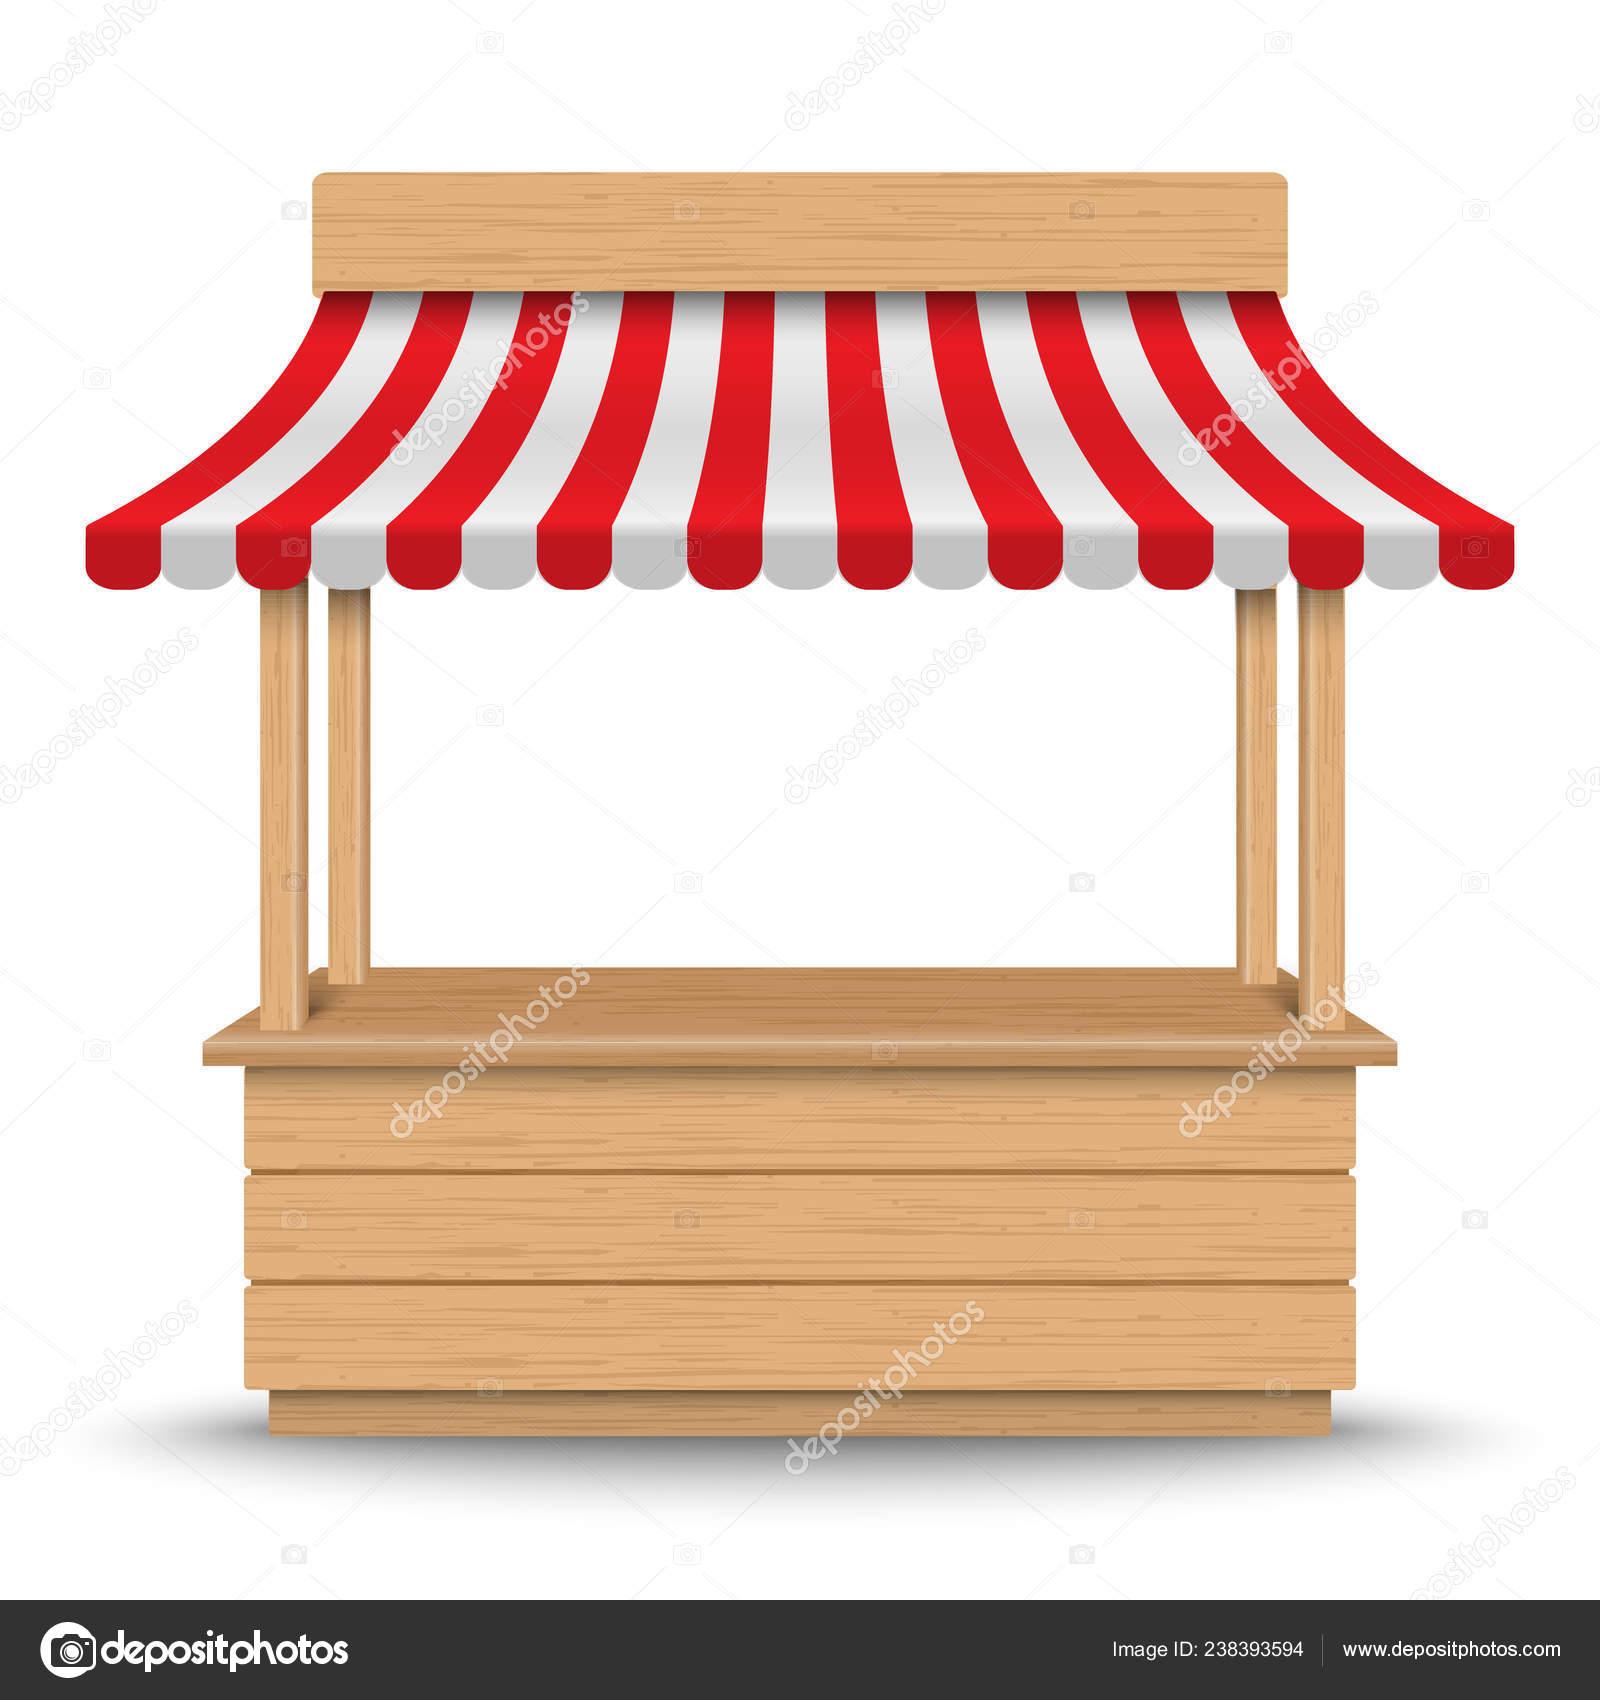 Berühmt Hölzerne Ständer Marktstand Mit Rot Weiß Gestreifte Markise Auf VP33